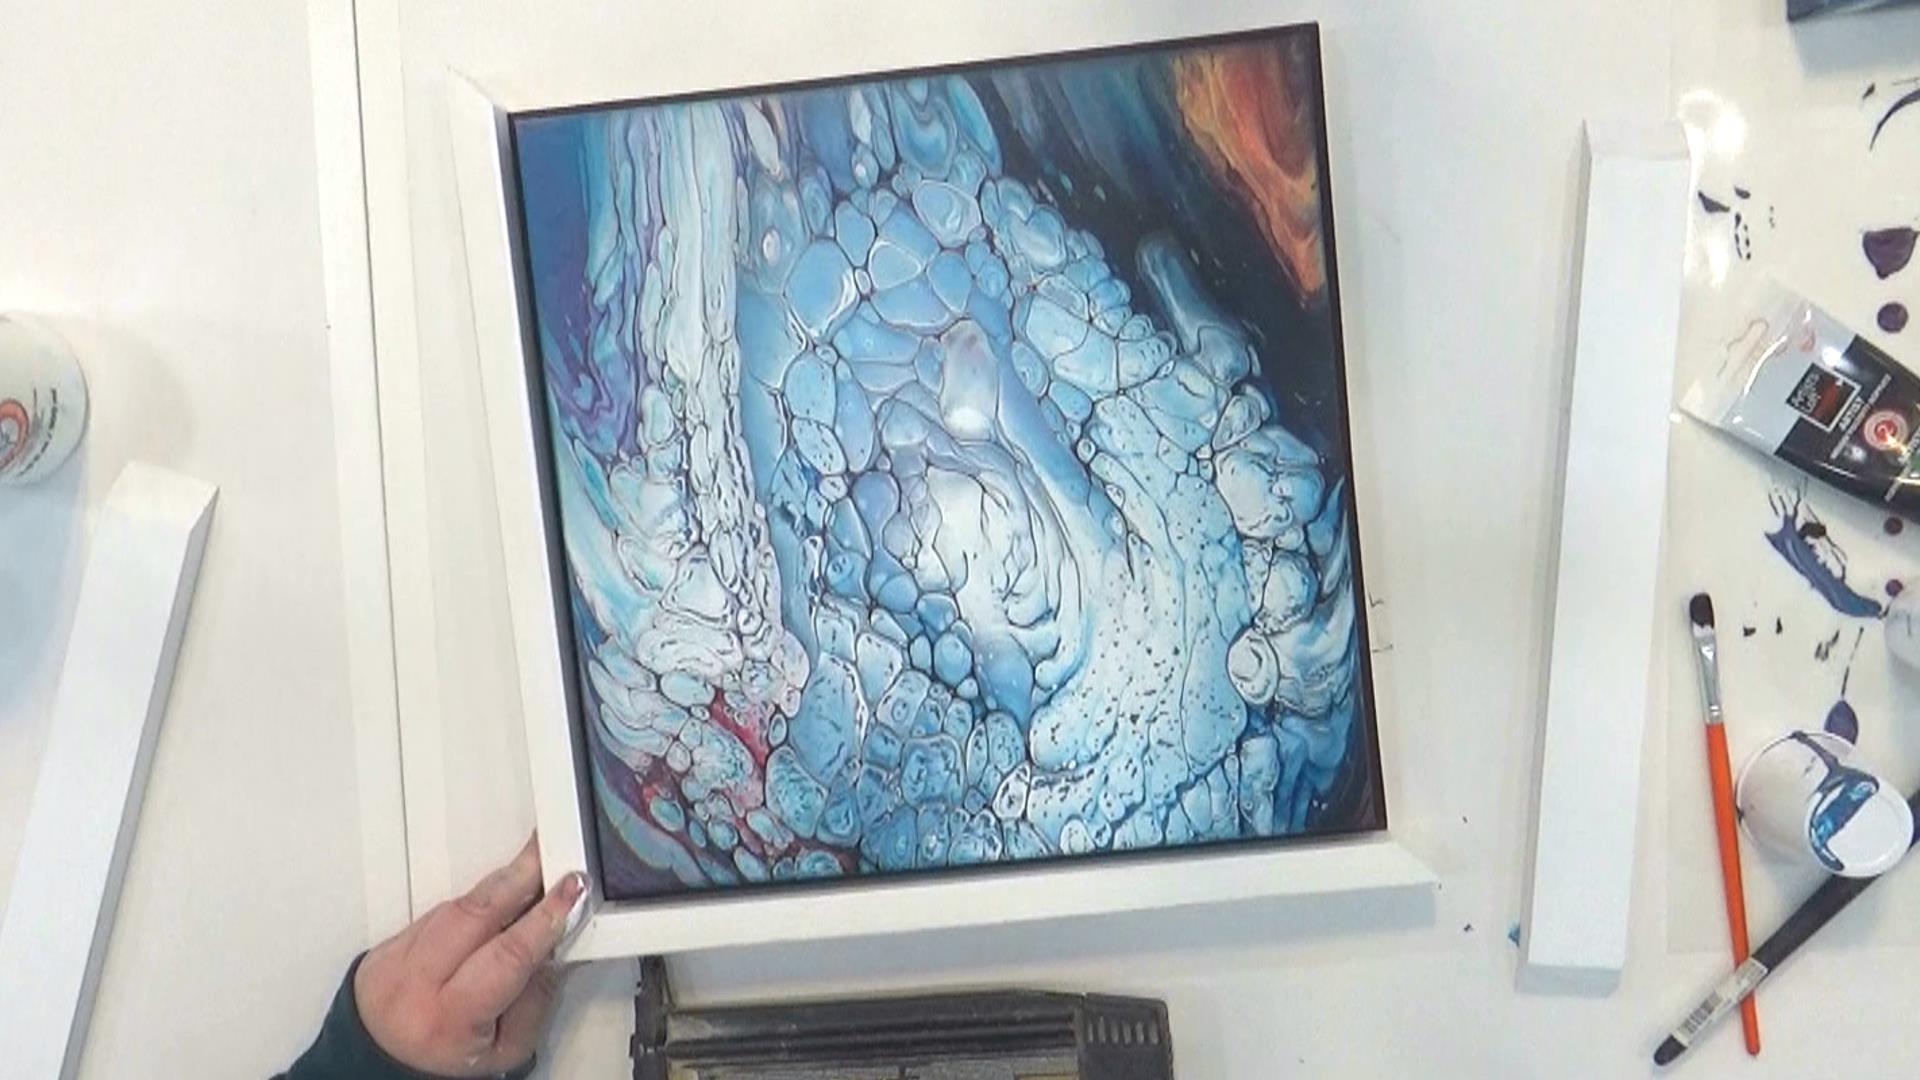 Cloud Pour - Avalanche - clouez les morceaux du cadre principal à la toile